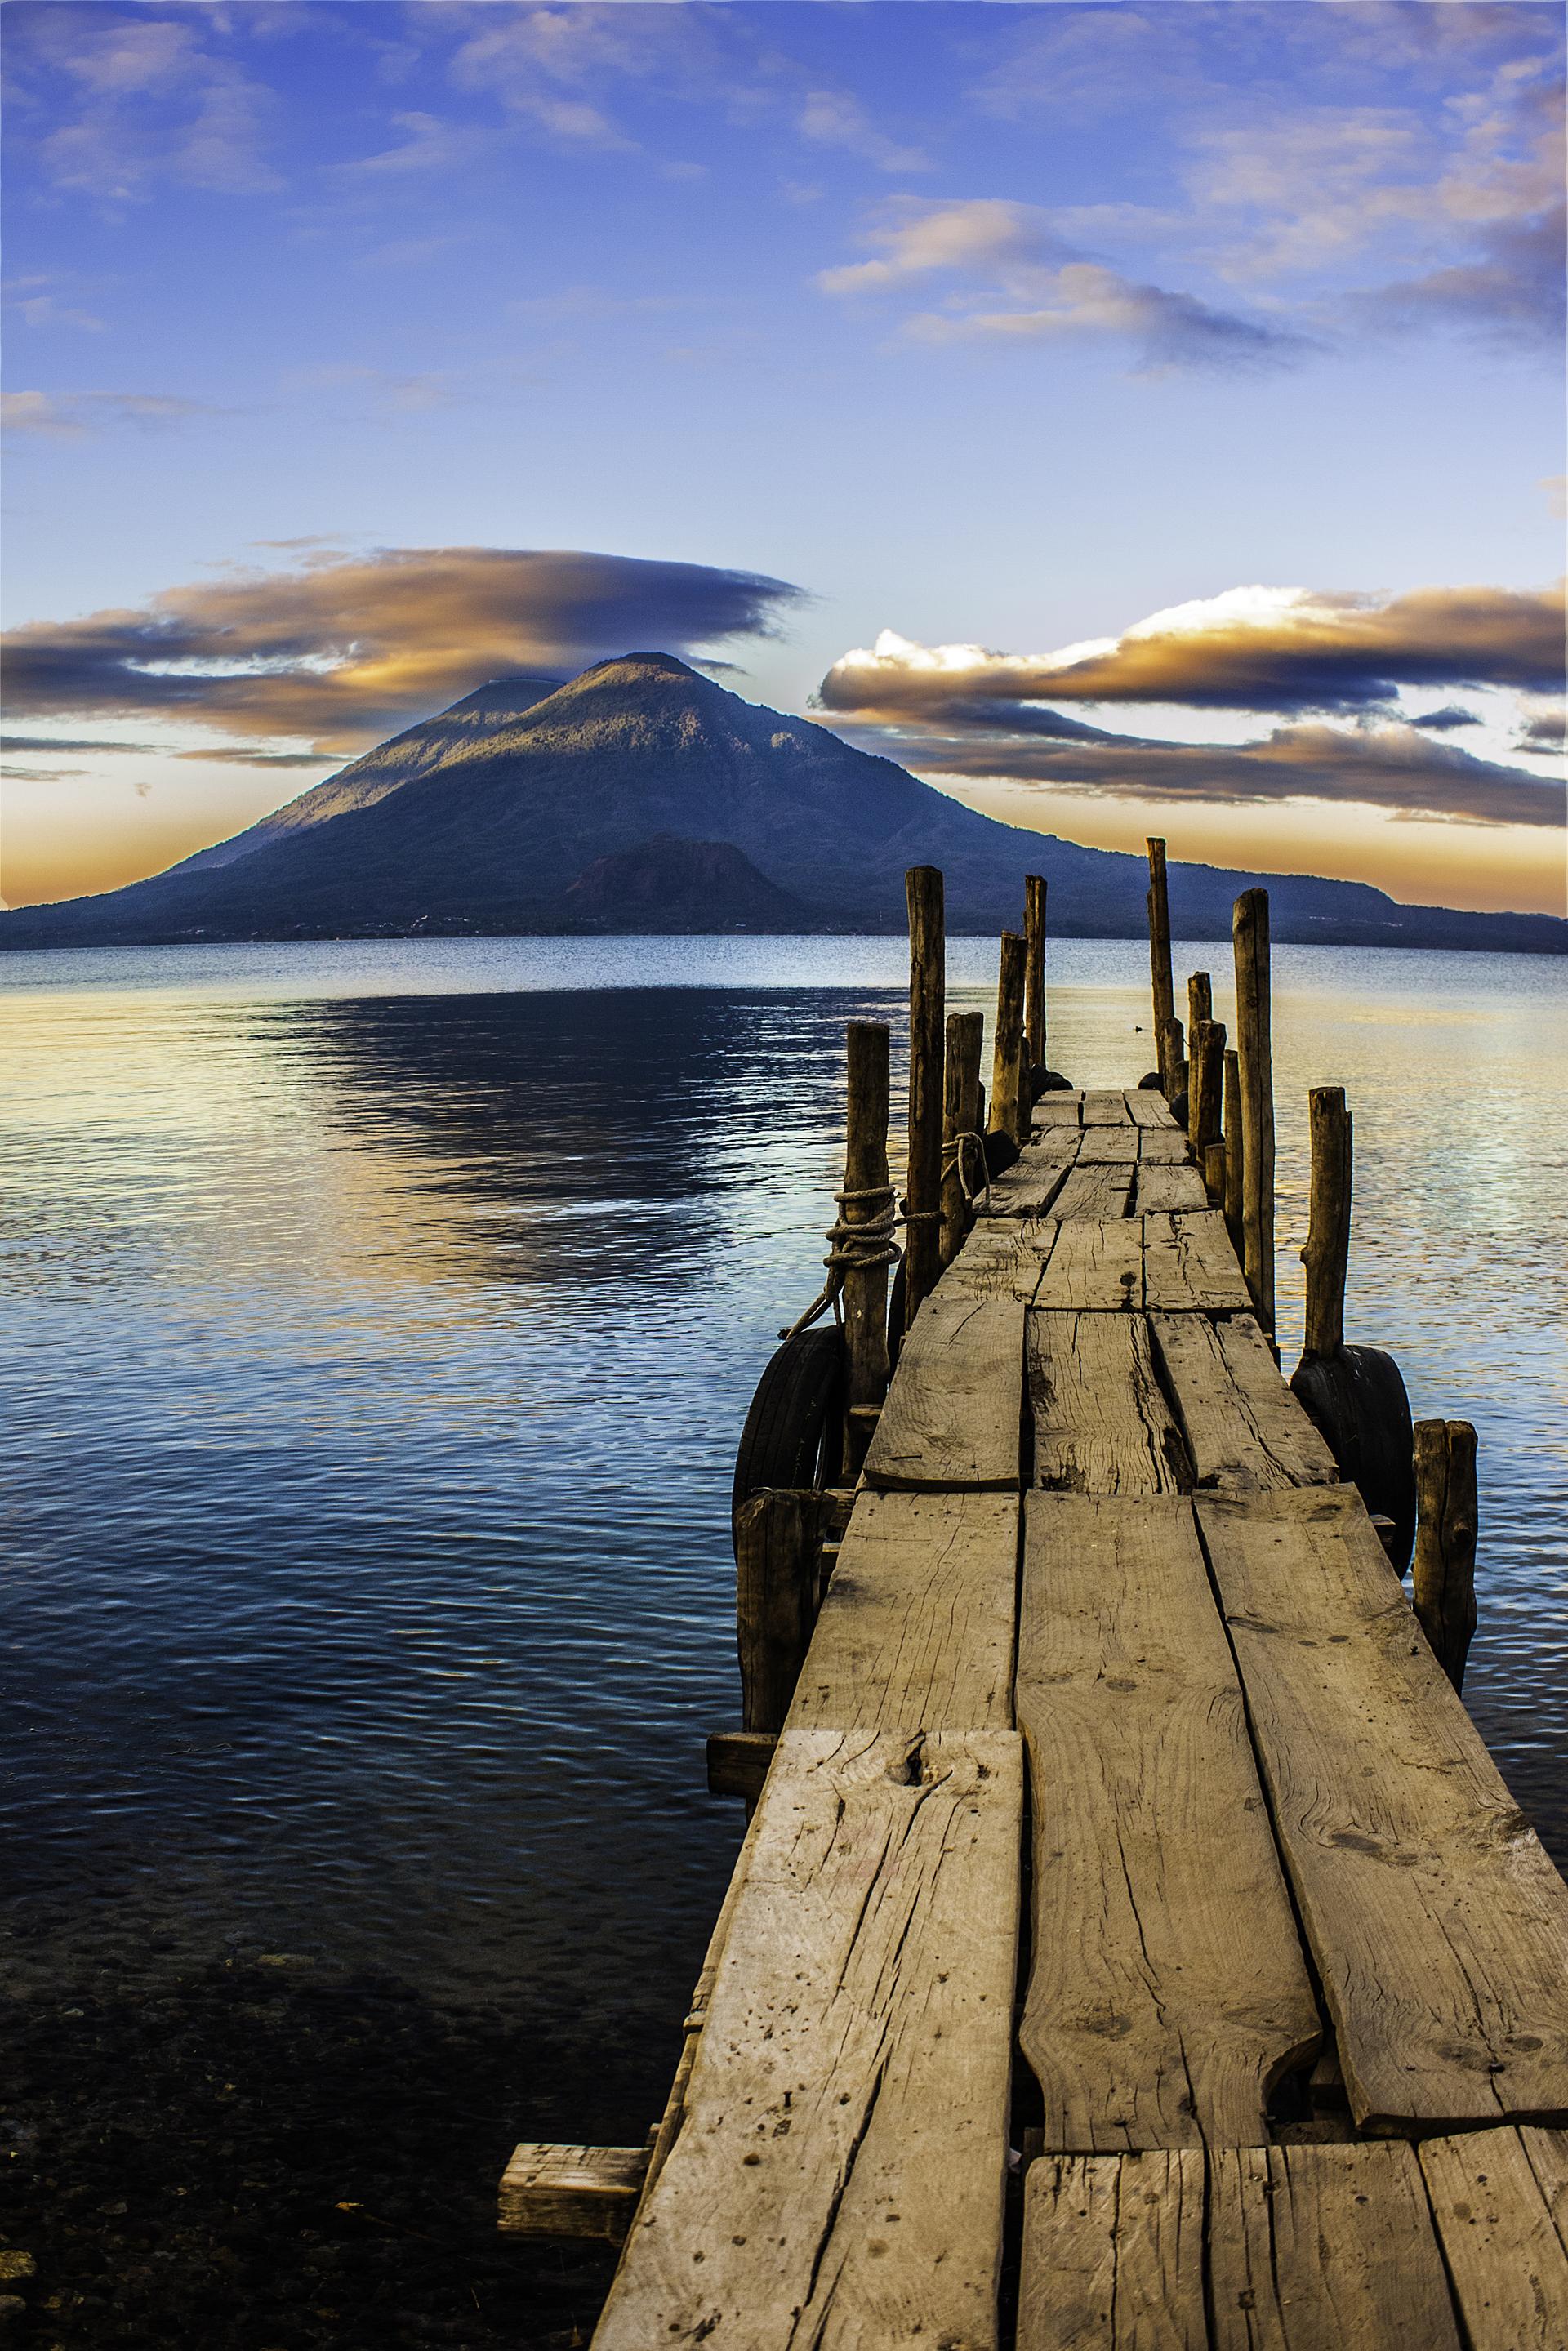 El lago de Atitlán se encuentra en un cráter volcánico en el suroeste de Guatemala (getty)